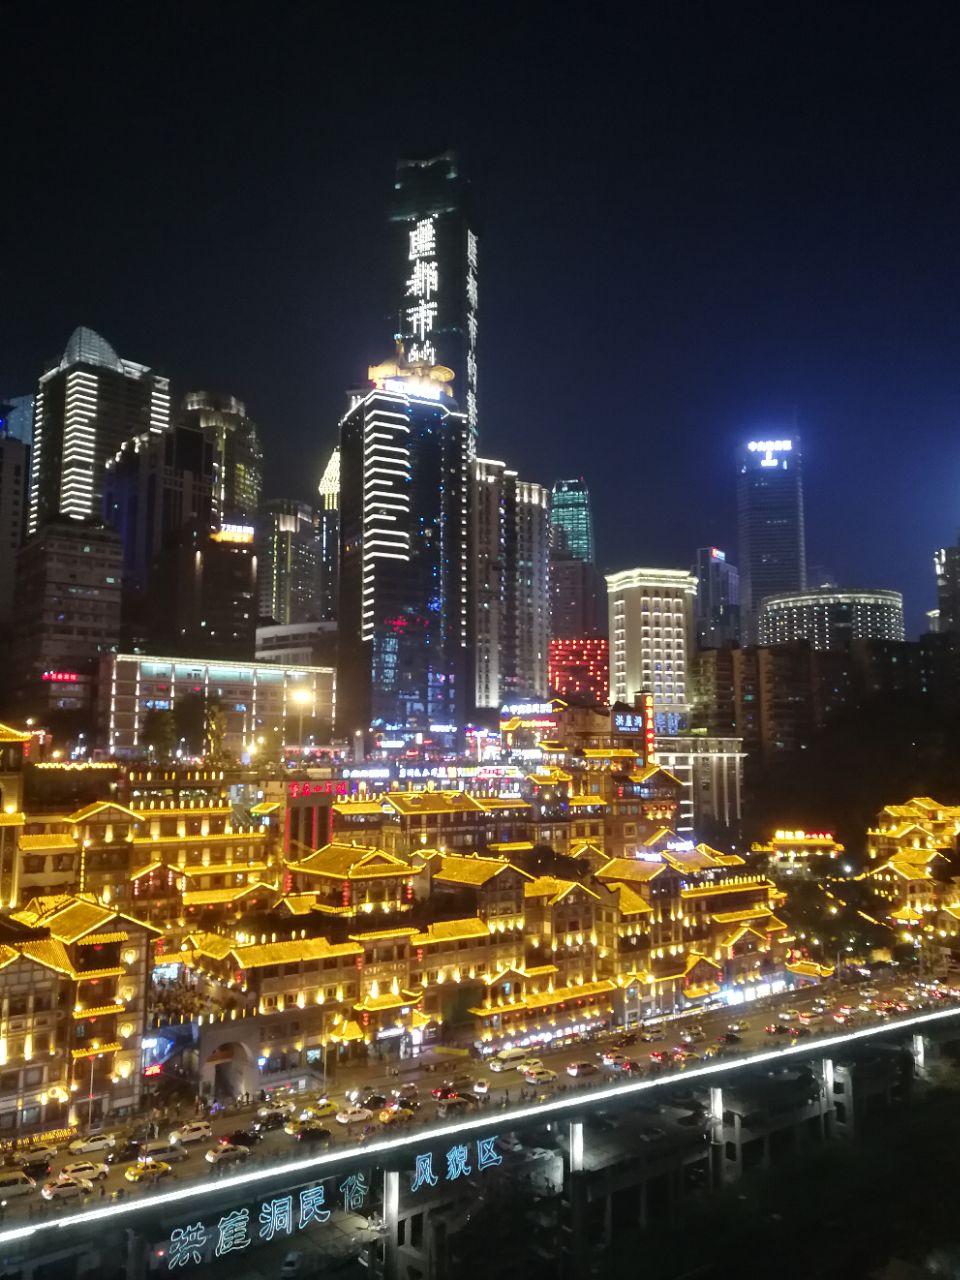 10:00到重庆想去长江索道,动物园,欢乐谷,洪崖洞,磁器口,解放碑玩